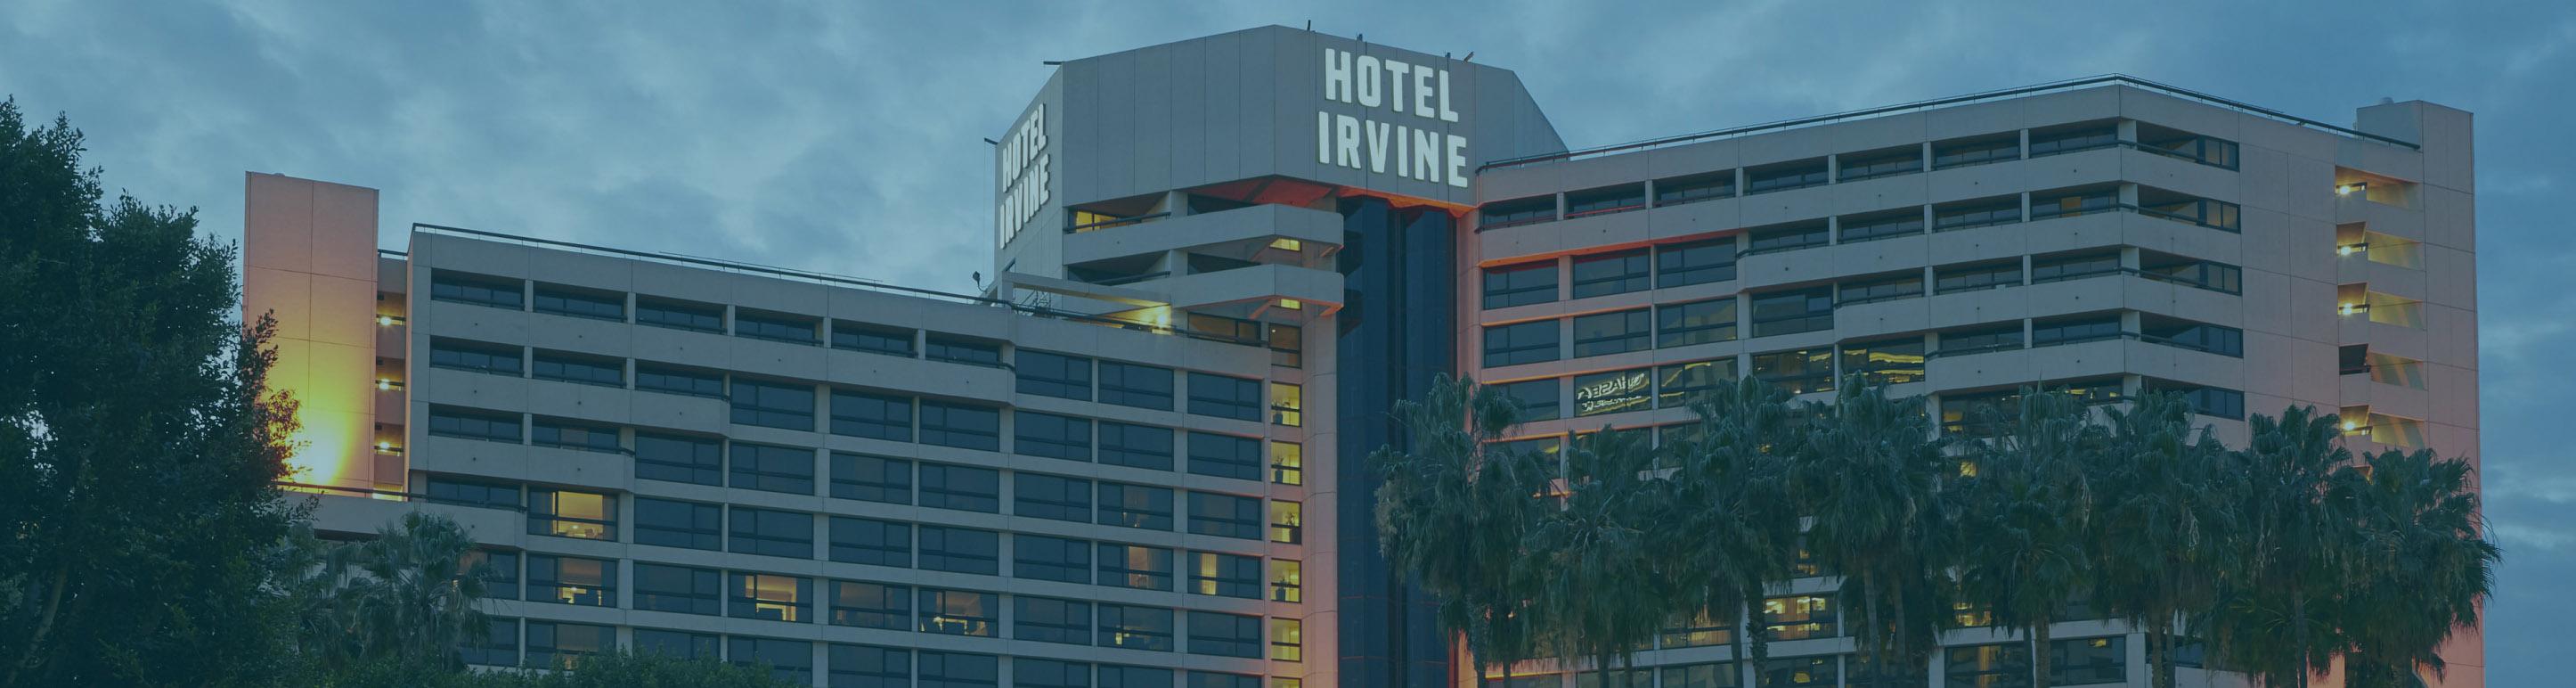 blue-hotel-irvine-header